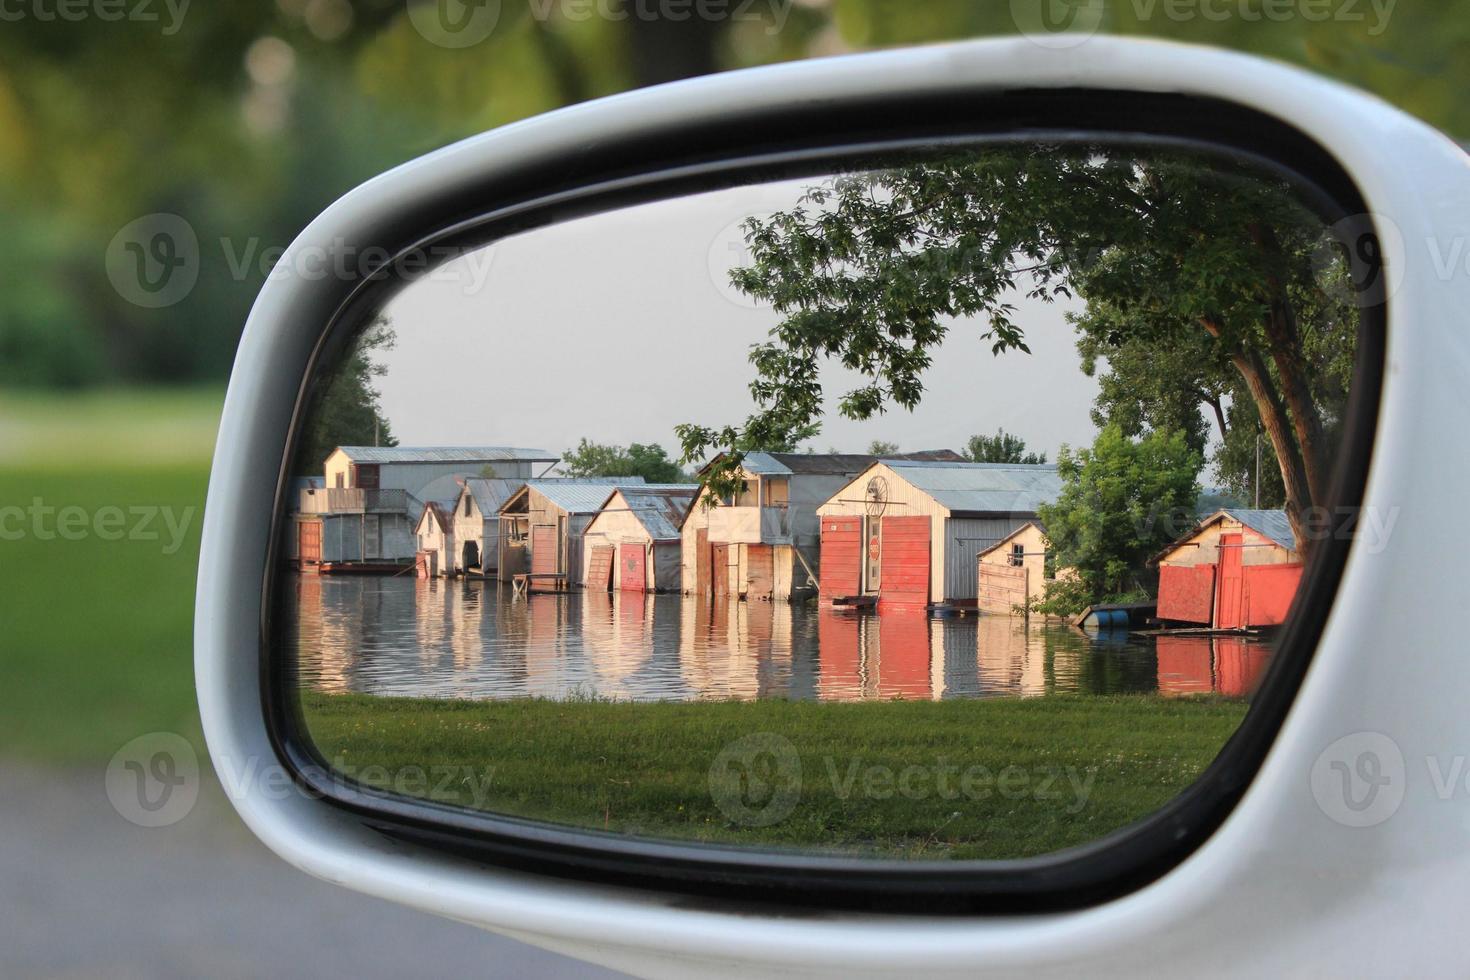 riflesso nello specchio laterale dell'auto, delle case delle barche riflesse nell'acqua foto